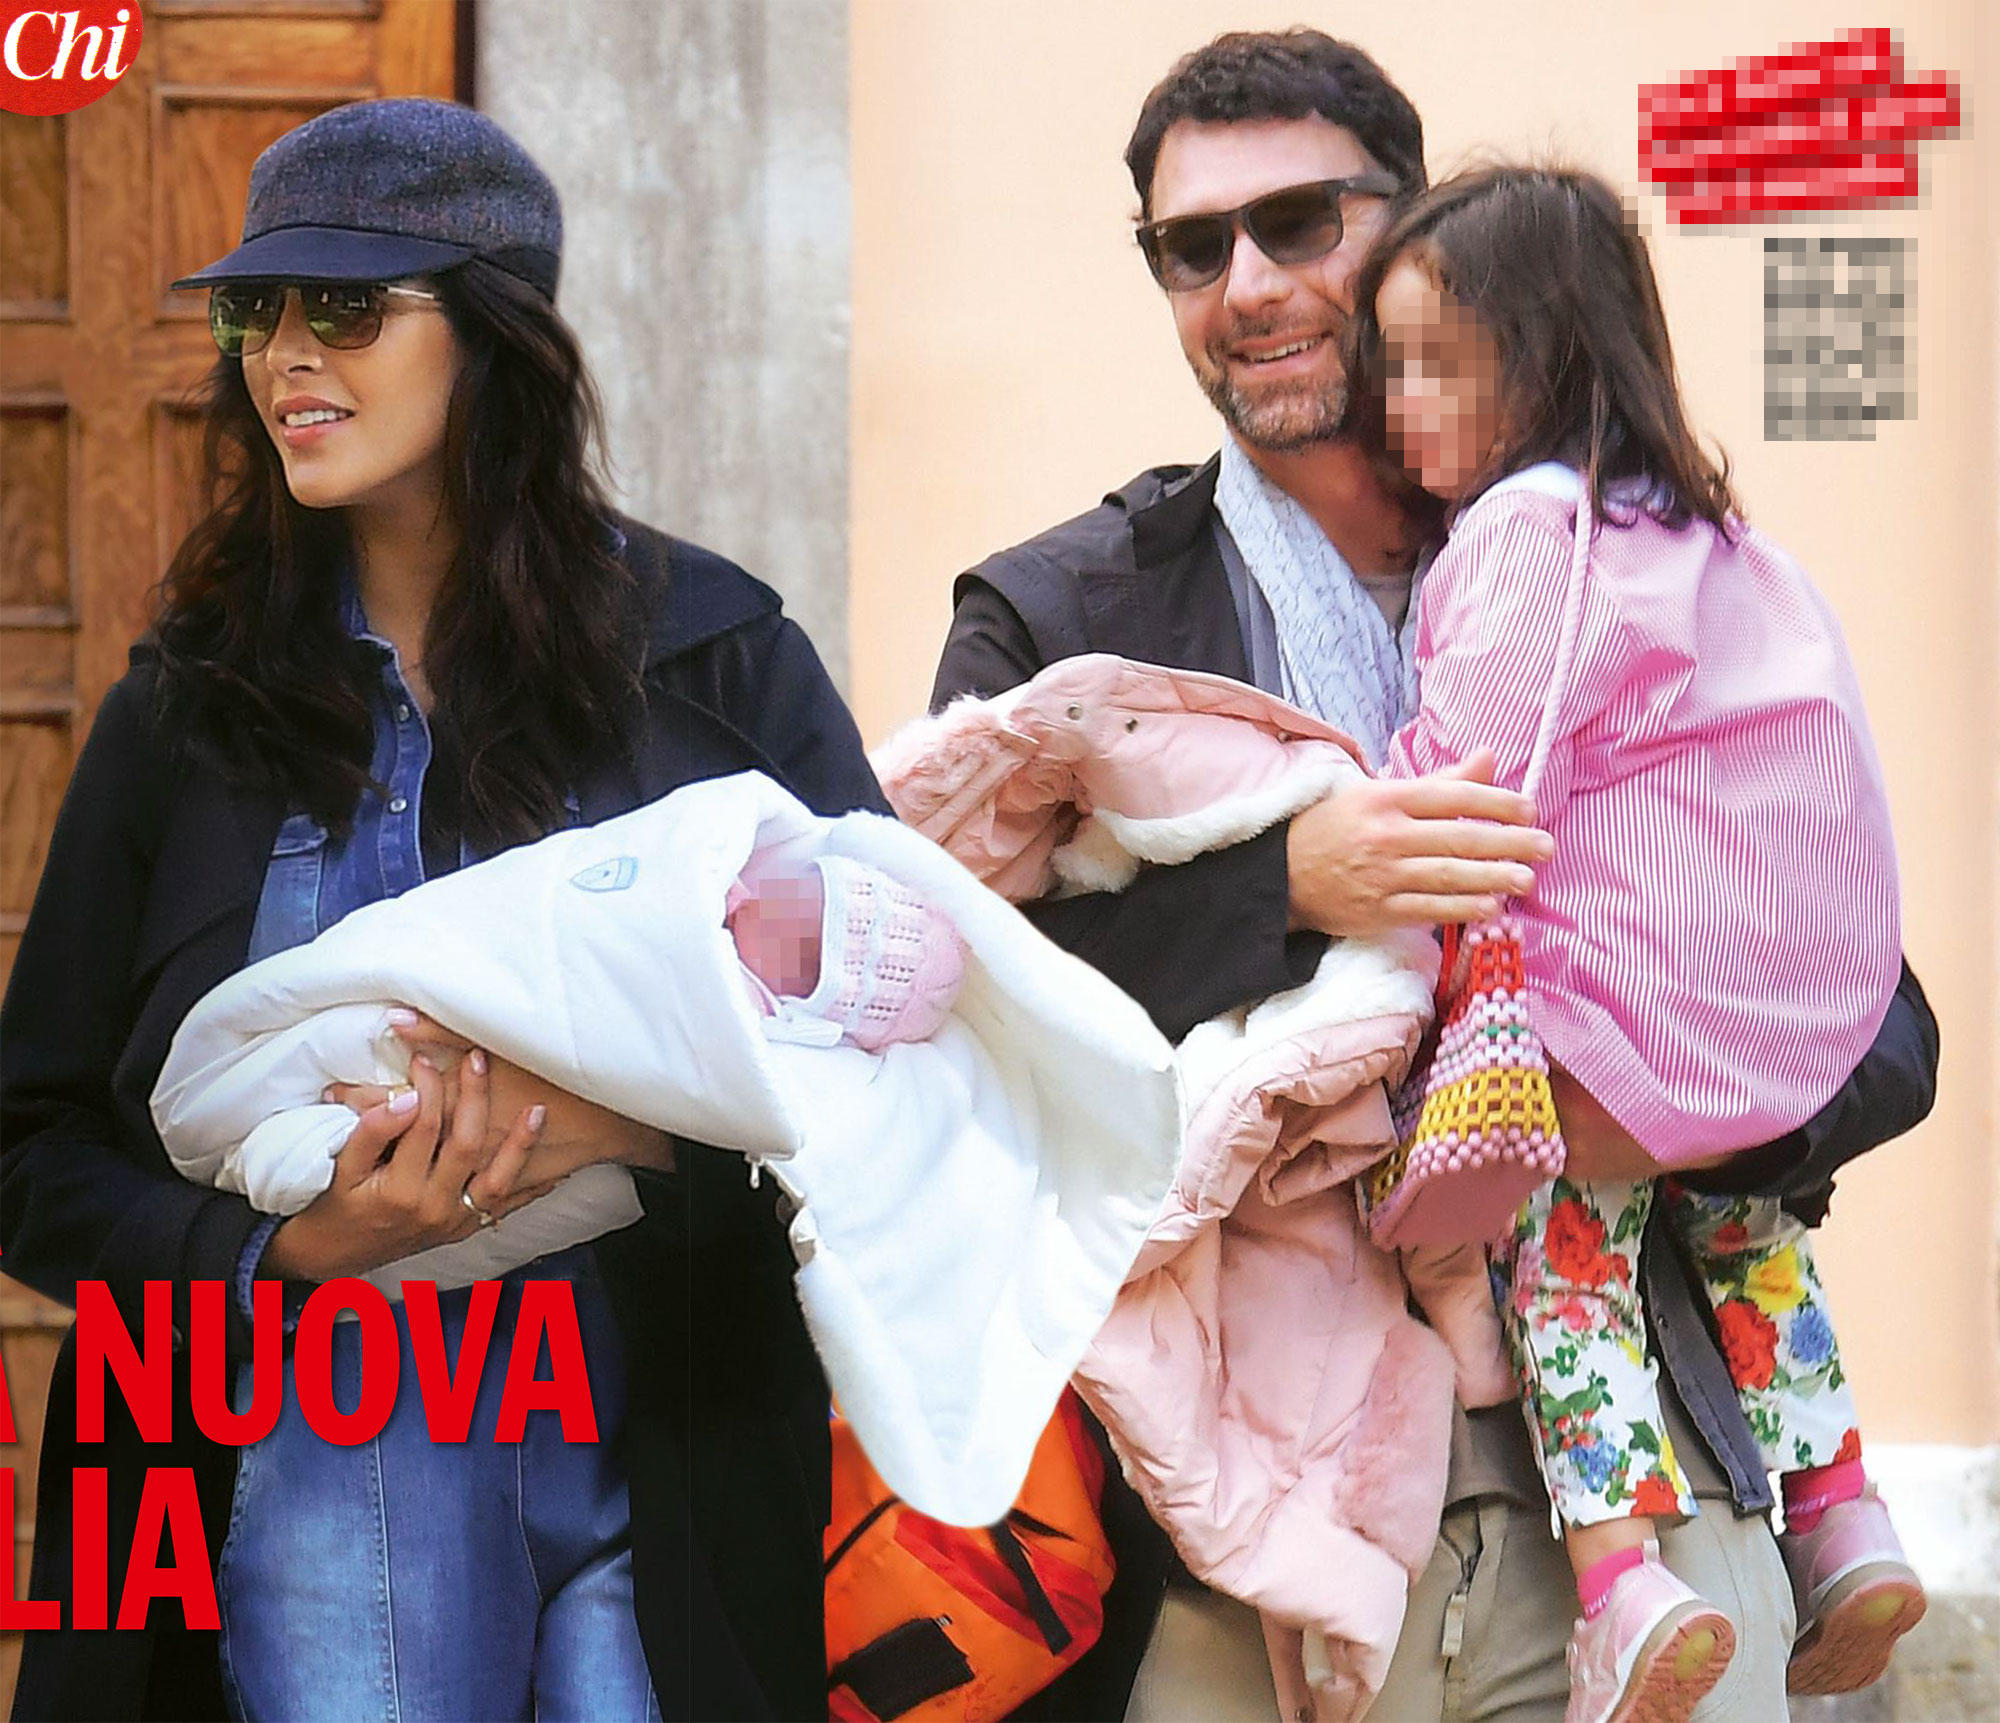 Raoul Bova felice e innamorato della nuova famiglia